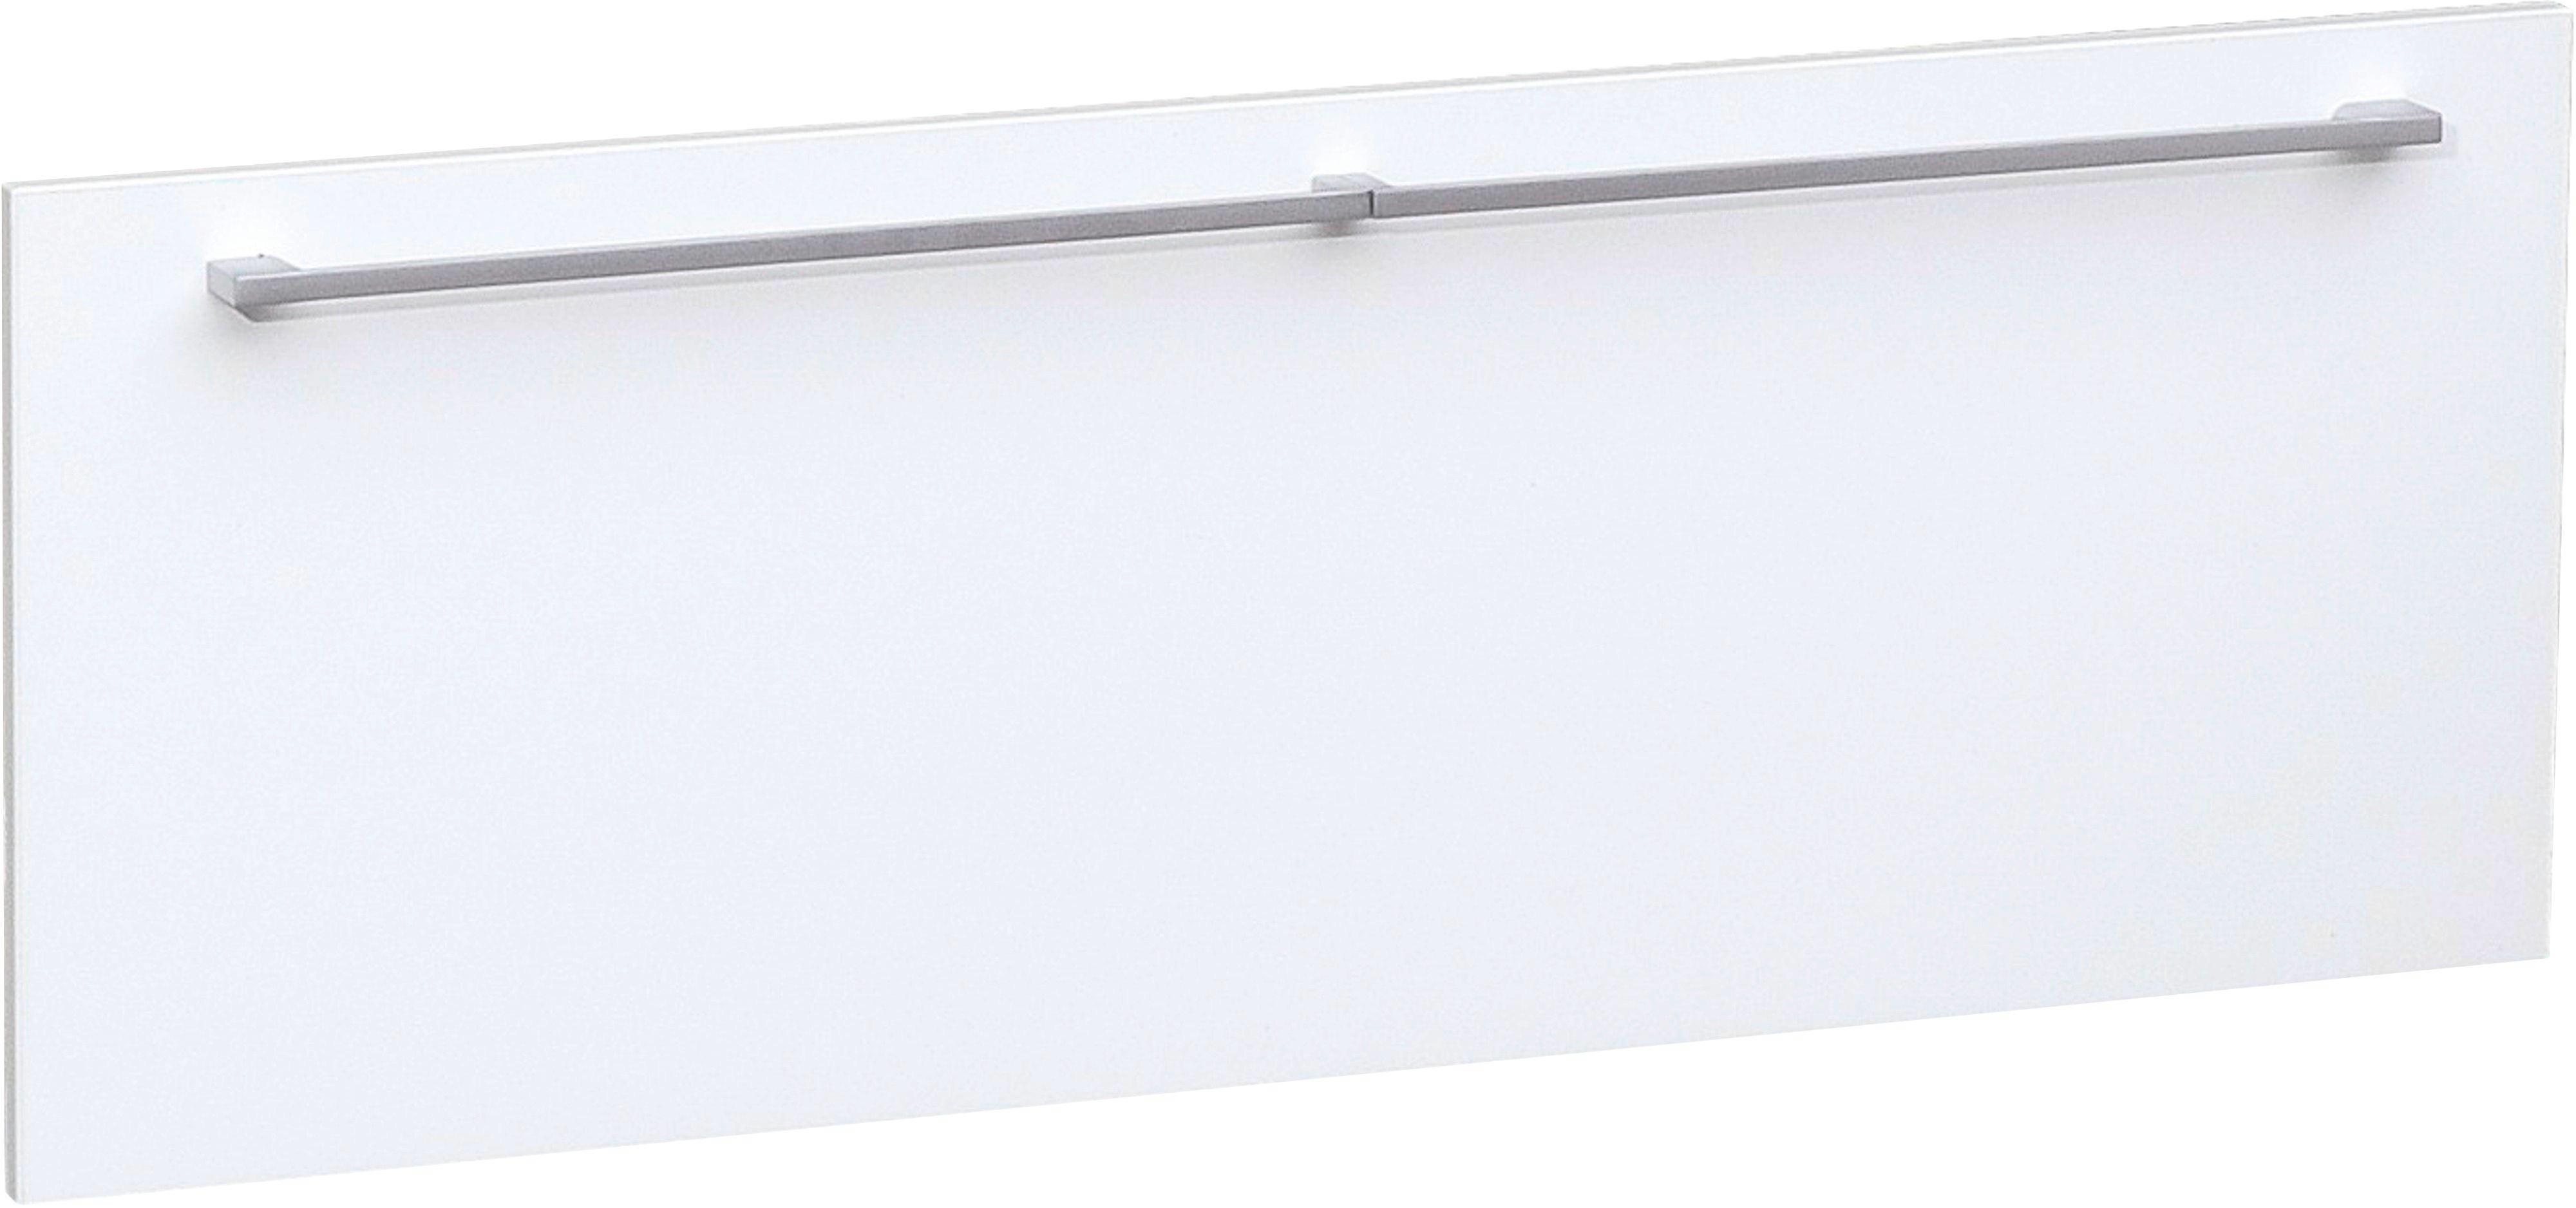 DOPPELSCHUBLADE 86/32/51 cm Weiß - Silberfarben/Weiß, Design, Kunststoff (86/32/51cm) - CS SCHMAL